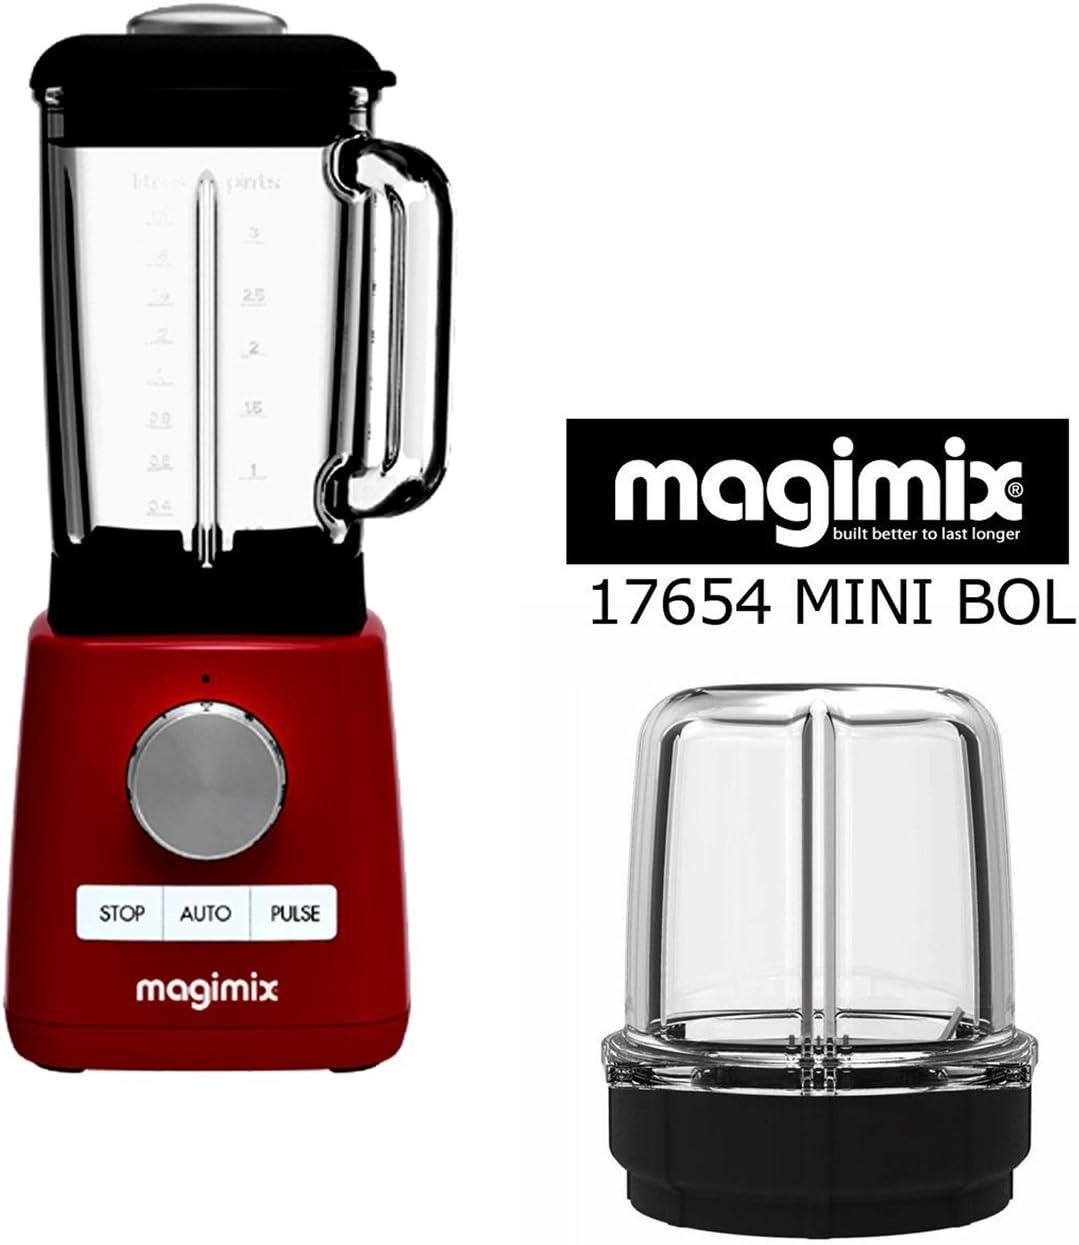 Magimix Licuadora Blender Rojo con Omaggio minibacinella angular: Amazon.es: Hogar